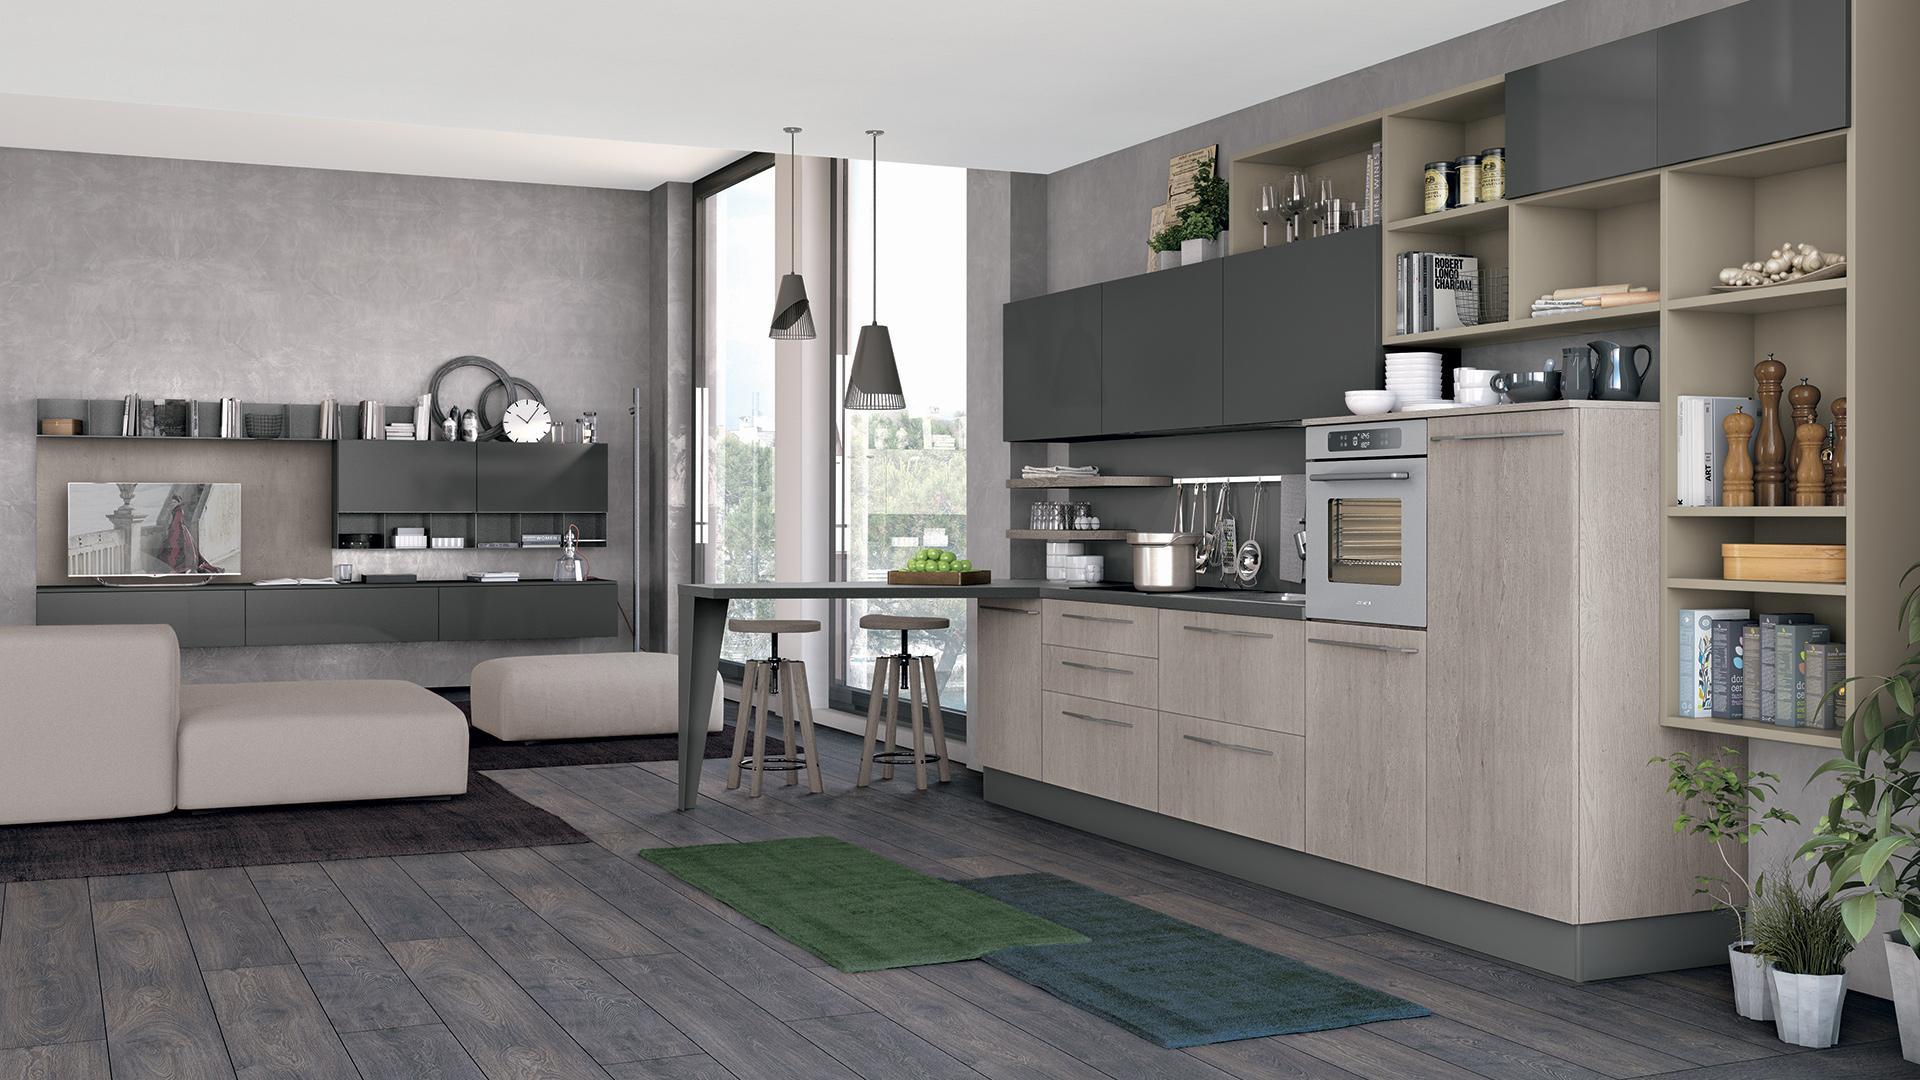 Cucine Moderne Con Dispensa. Excellent Disegno Cucine Con Dispensa ...